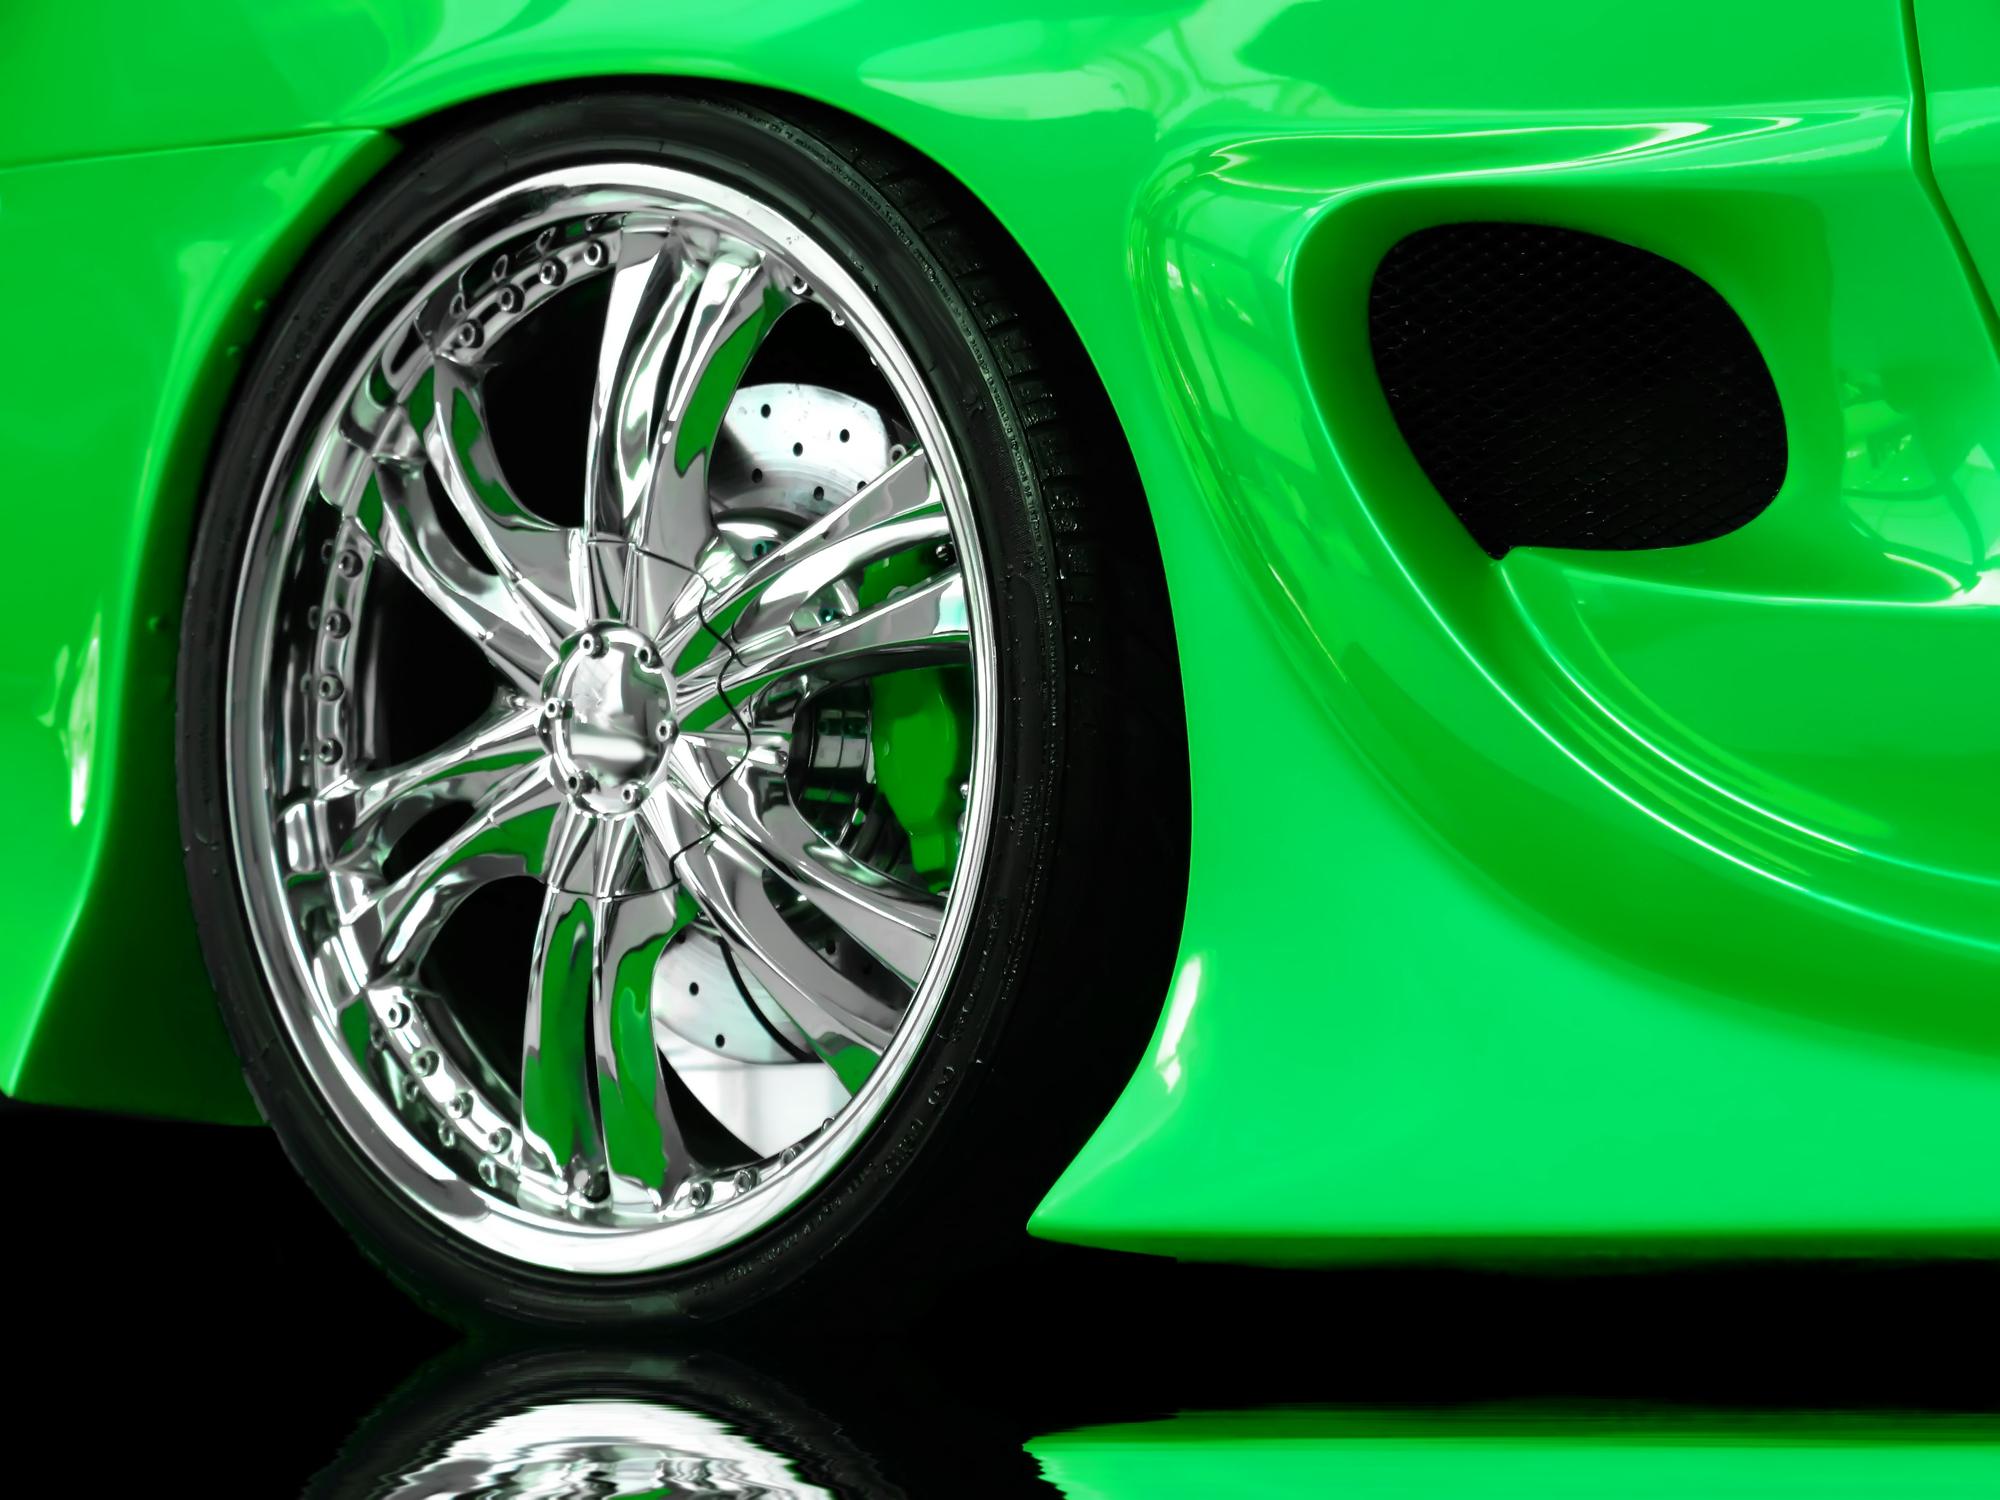 nevhodná veľkosť ALU diskov vám môže zničiť auto